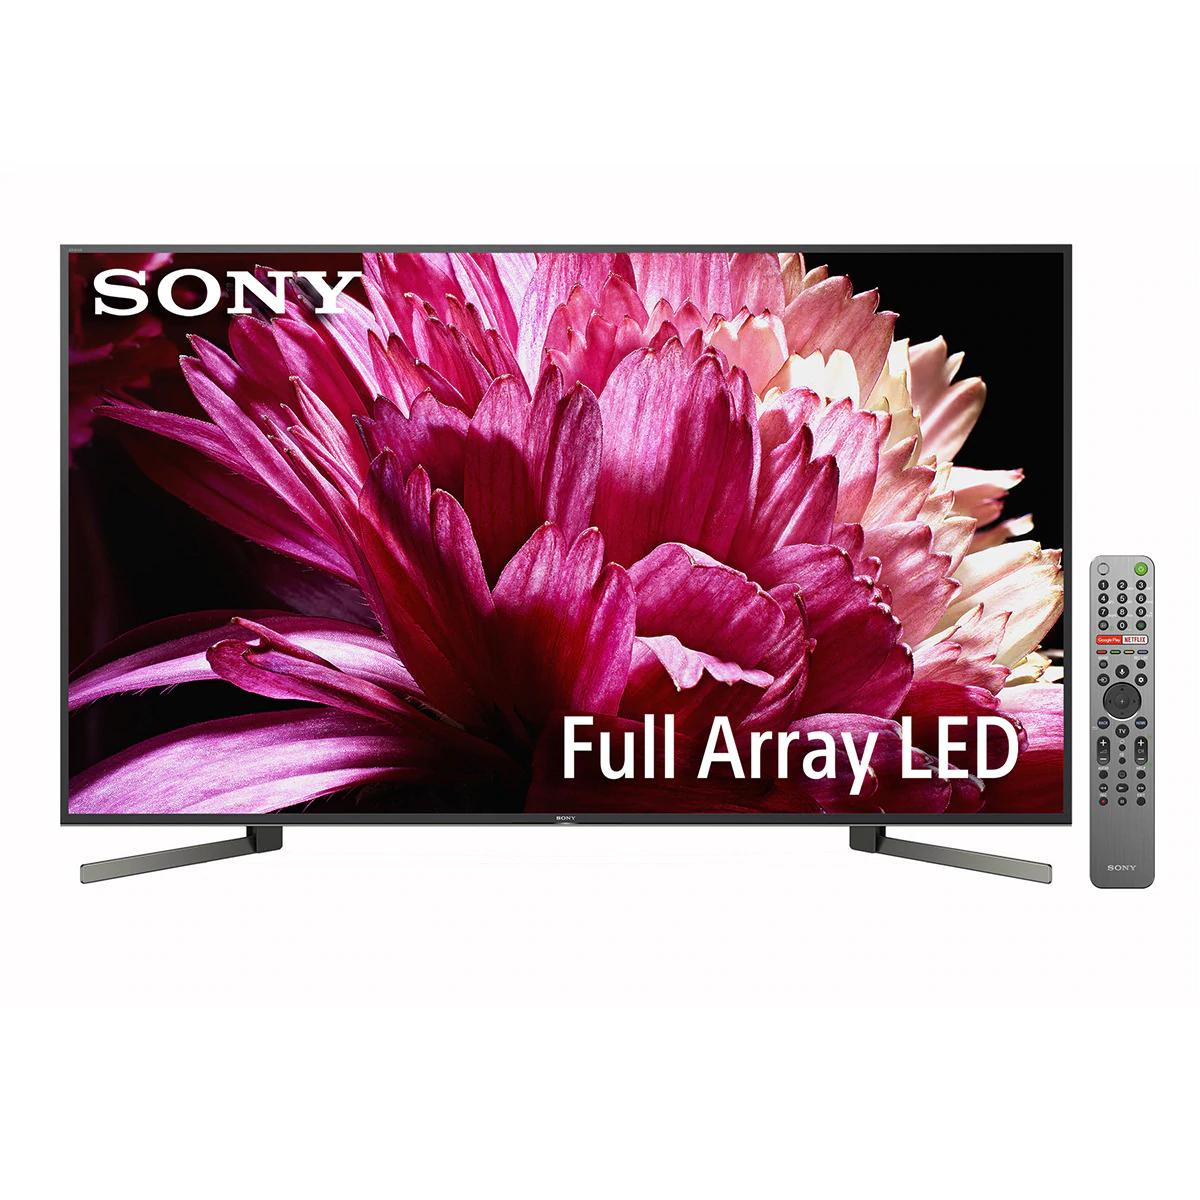 """TV LED 75"""" Sony KD-75XG9505 4K HDR, Full Array LED"""